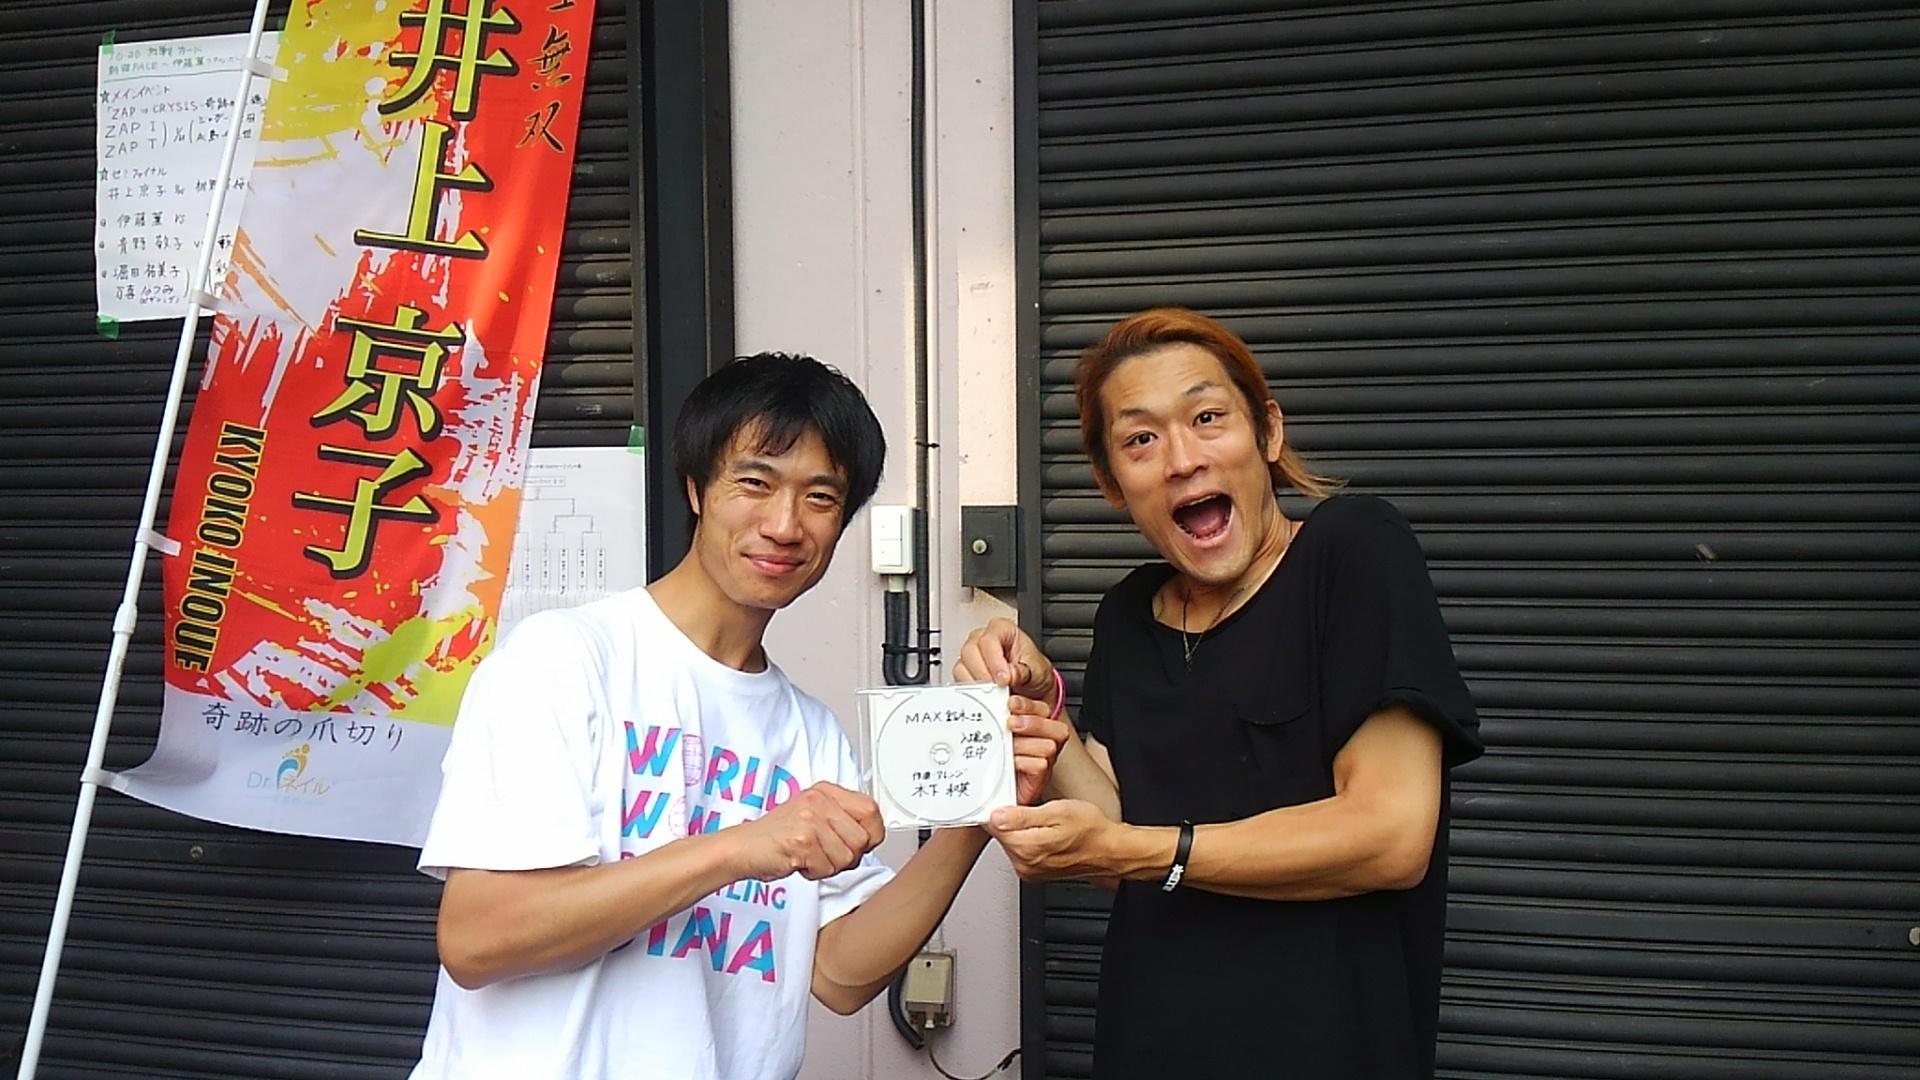 大食いMAX鈴木さん入場曲